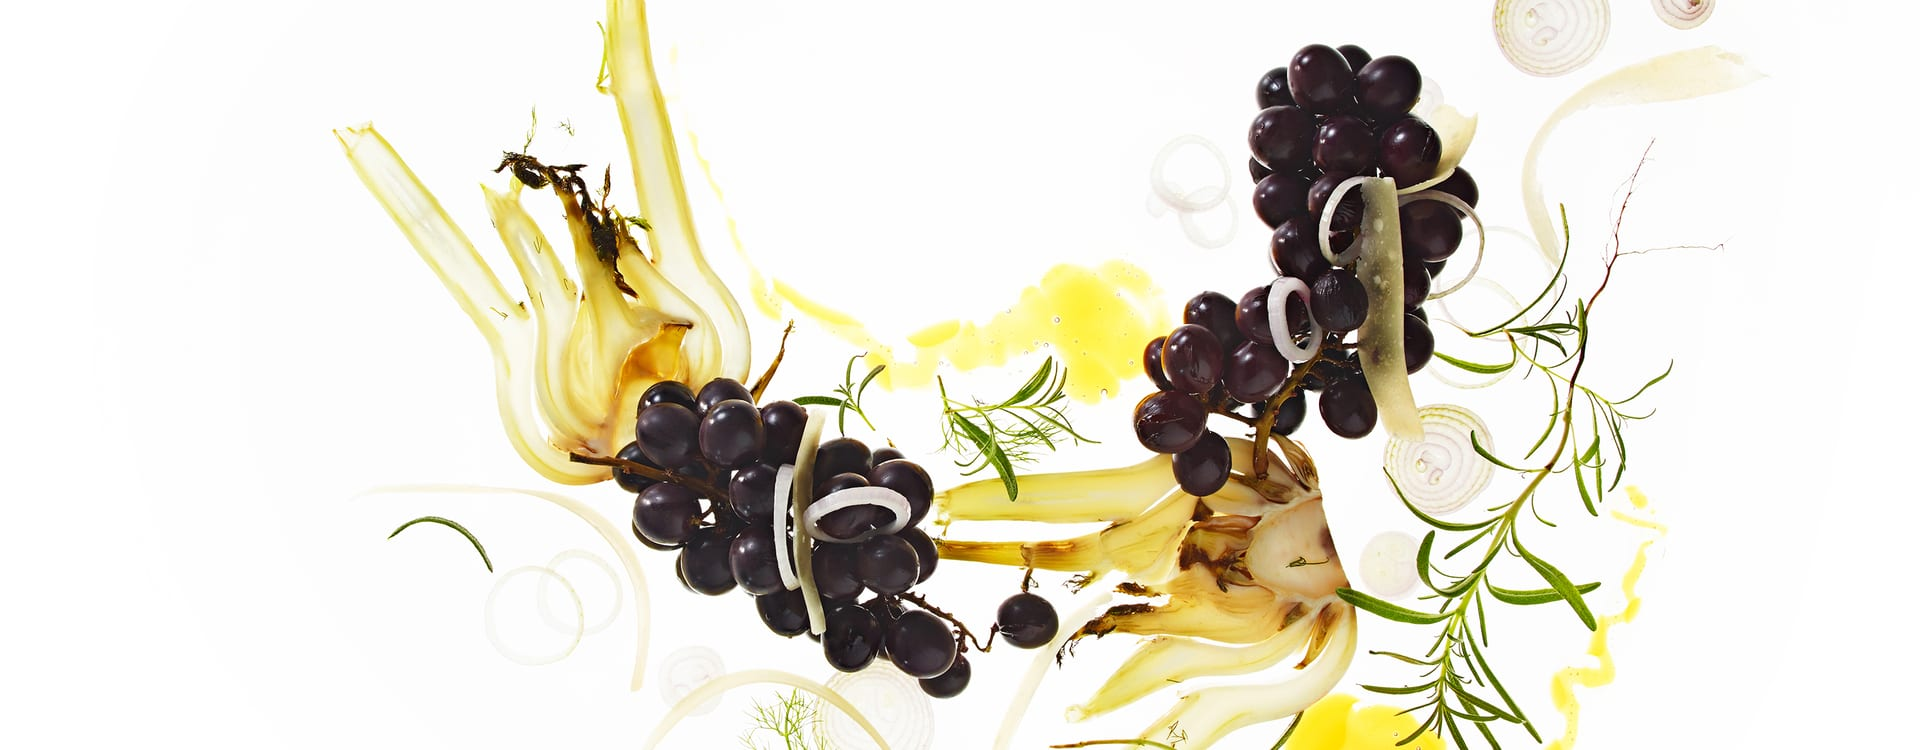 Varme druer med honning og ost (Grana Padano)